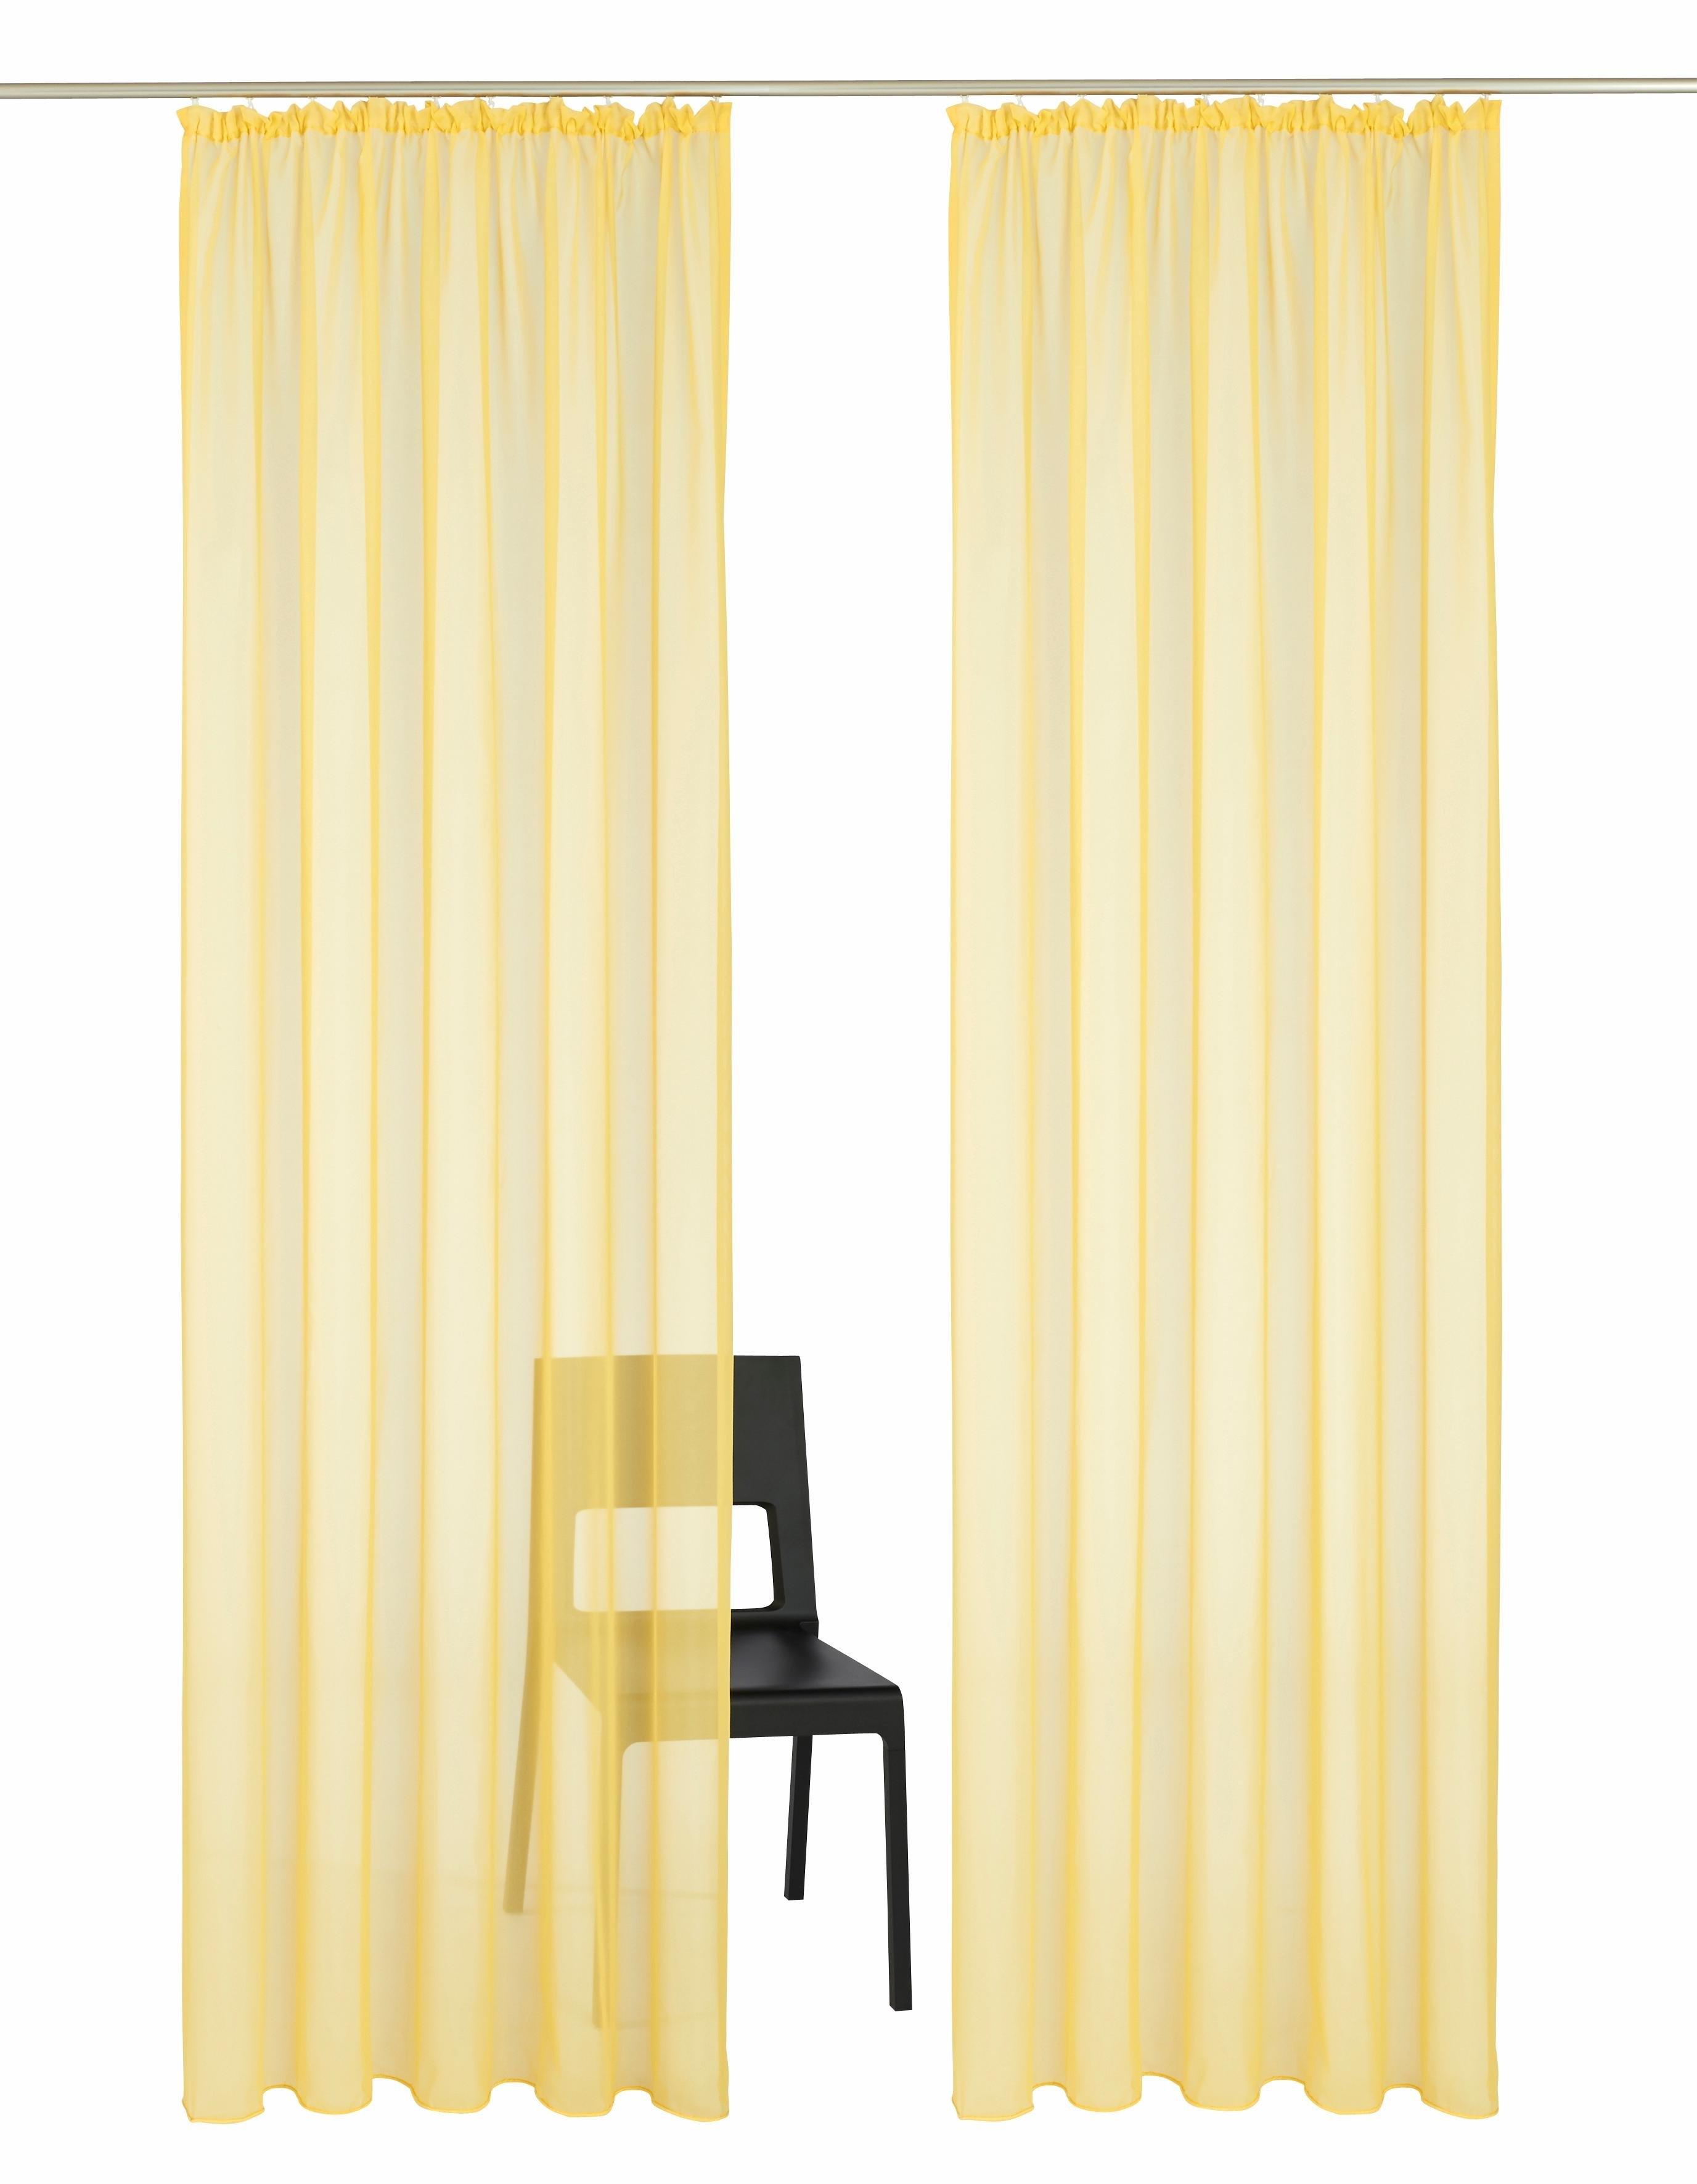 My Home Gordijn, »Xanten«, met rimpelband (set van 2) nu online kopen bij OTTO